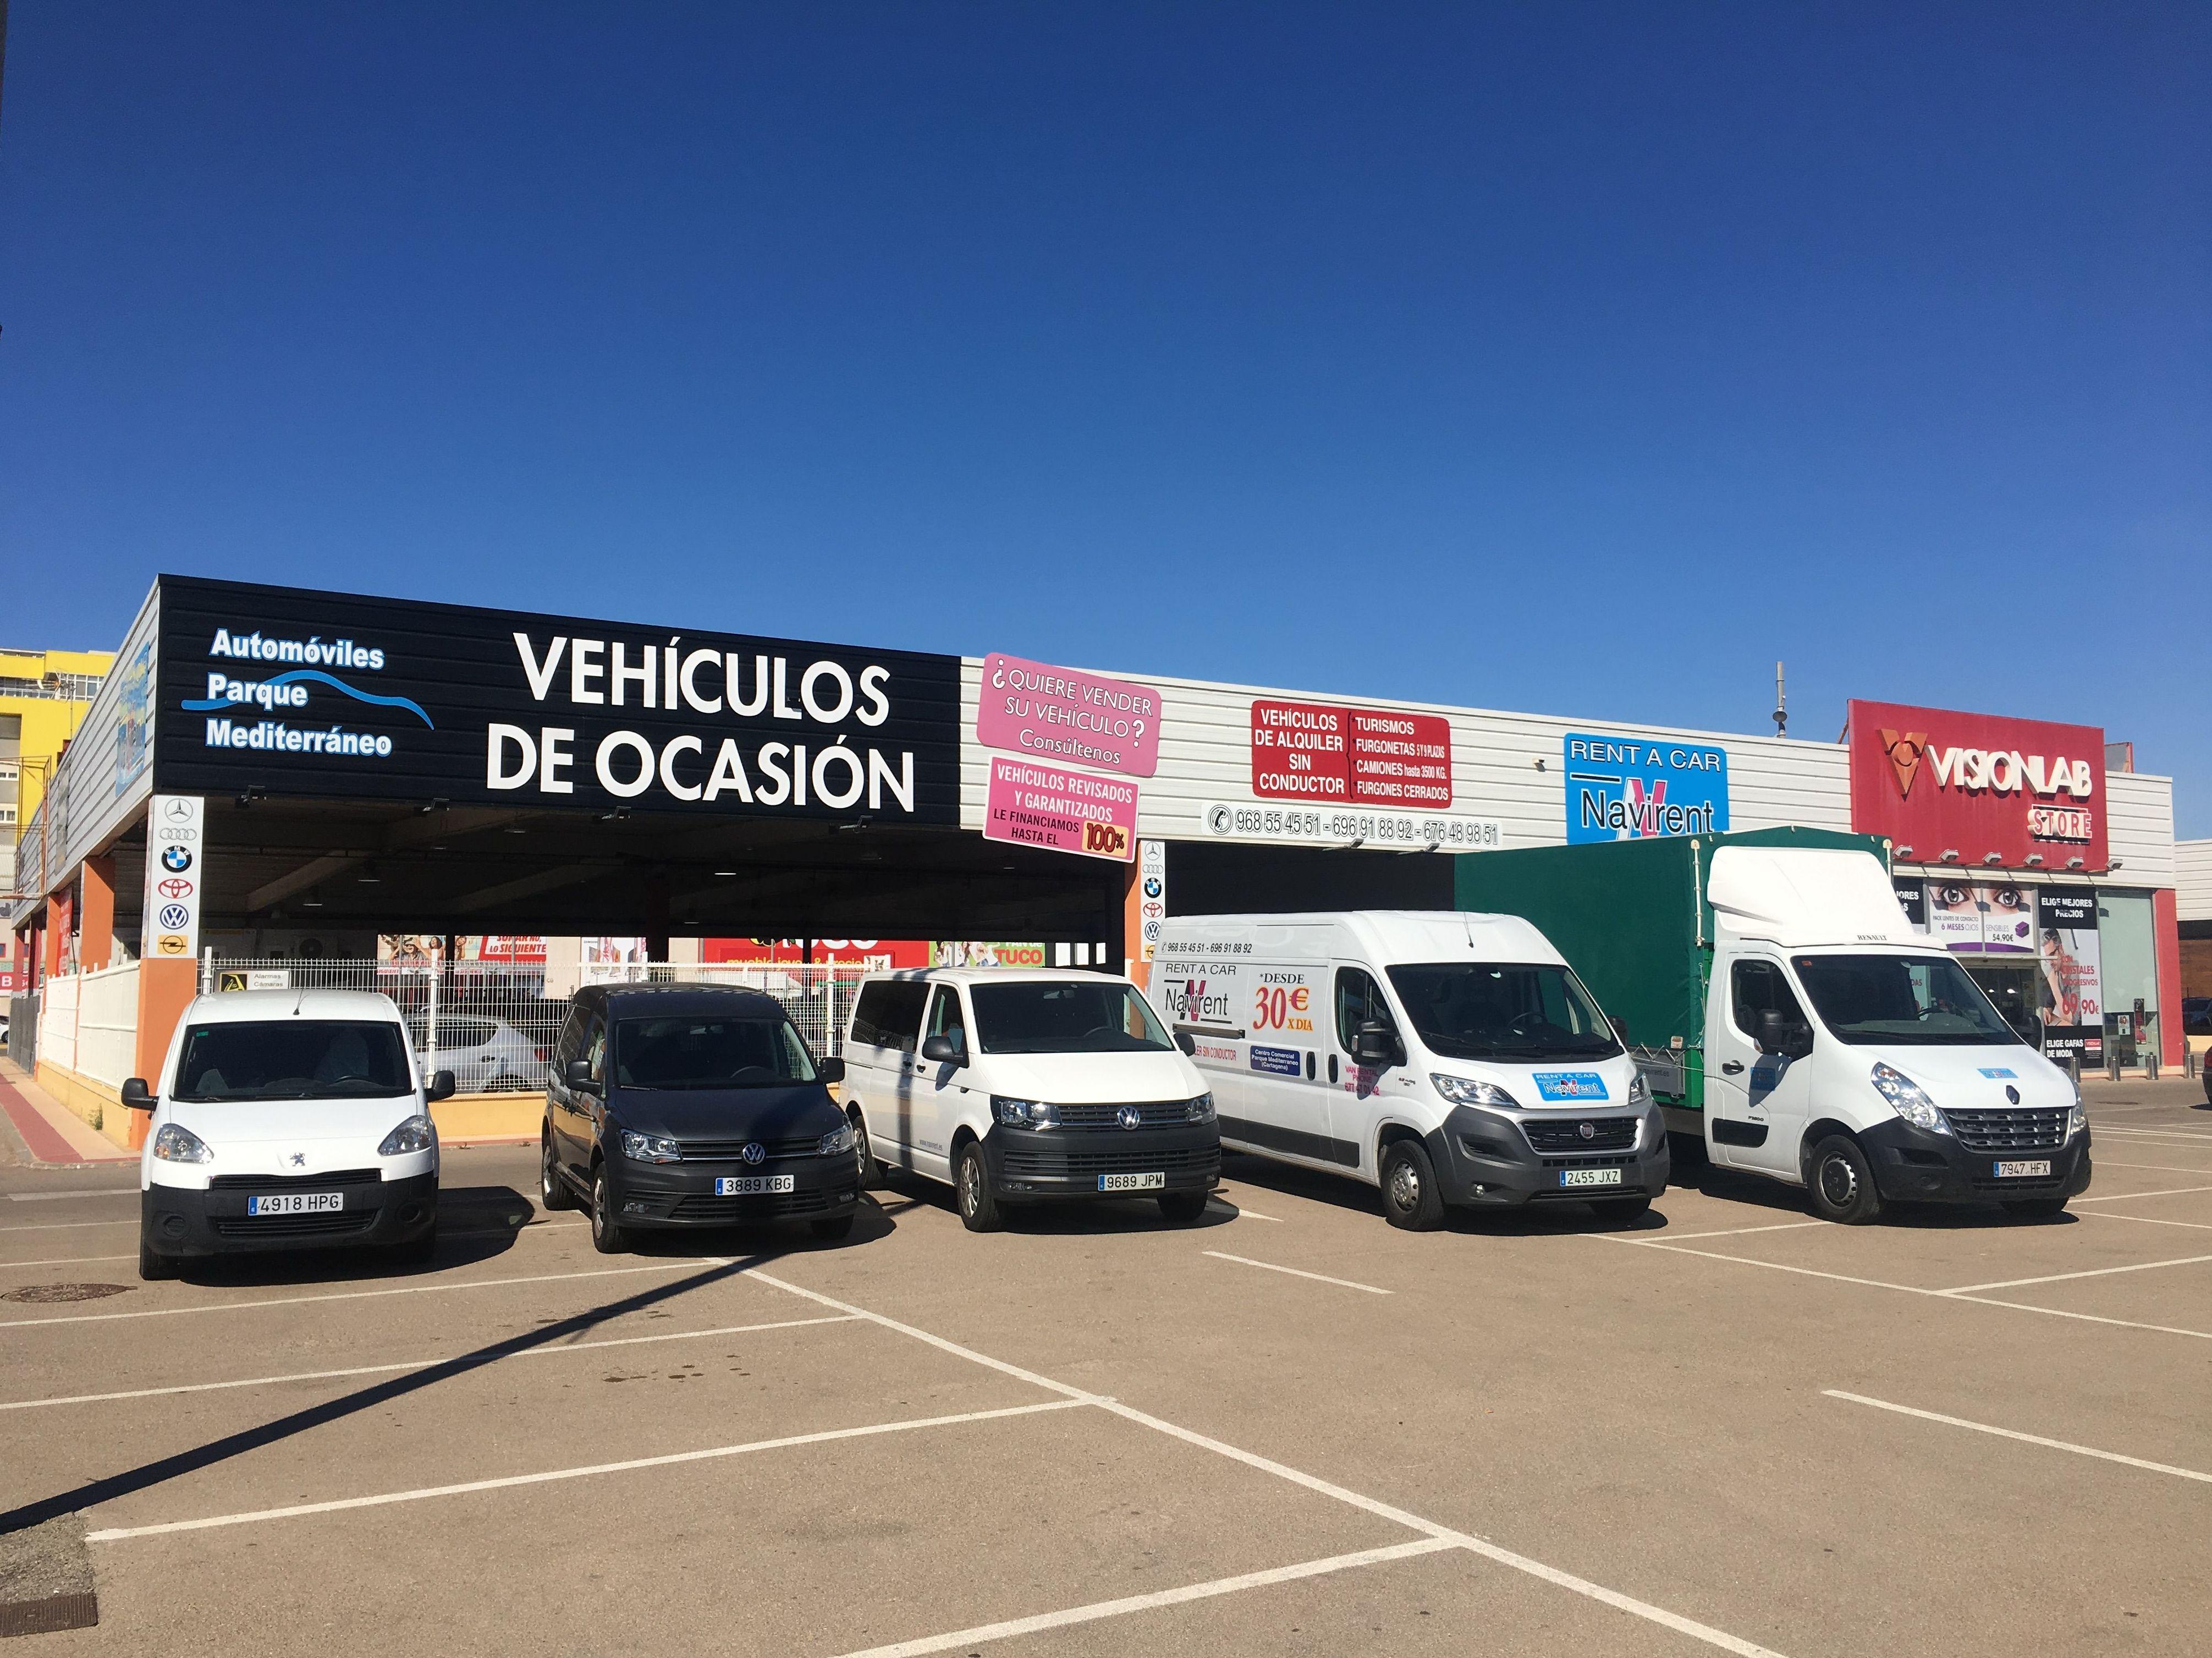 Foto 2 de Alquiler de coches y furgonetas en Cartagena | Automóviles Parque Mediterráneo